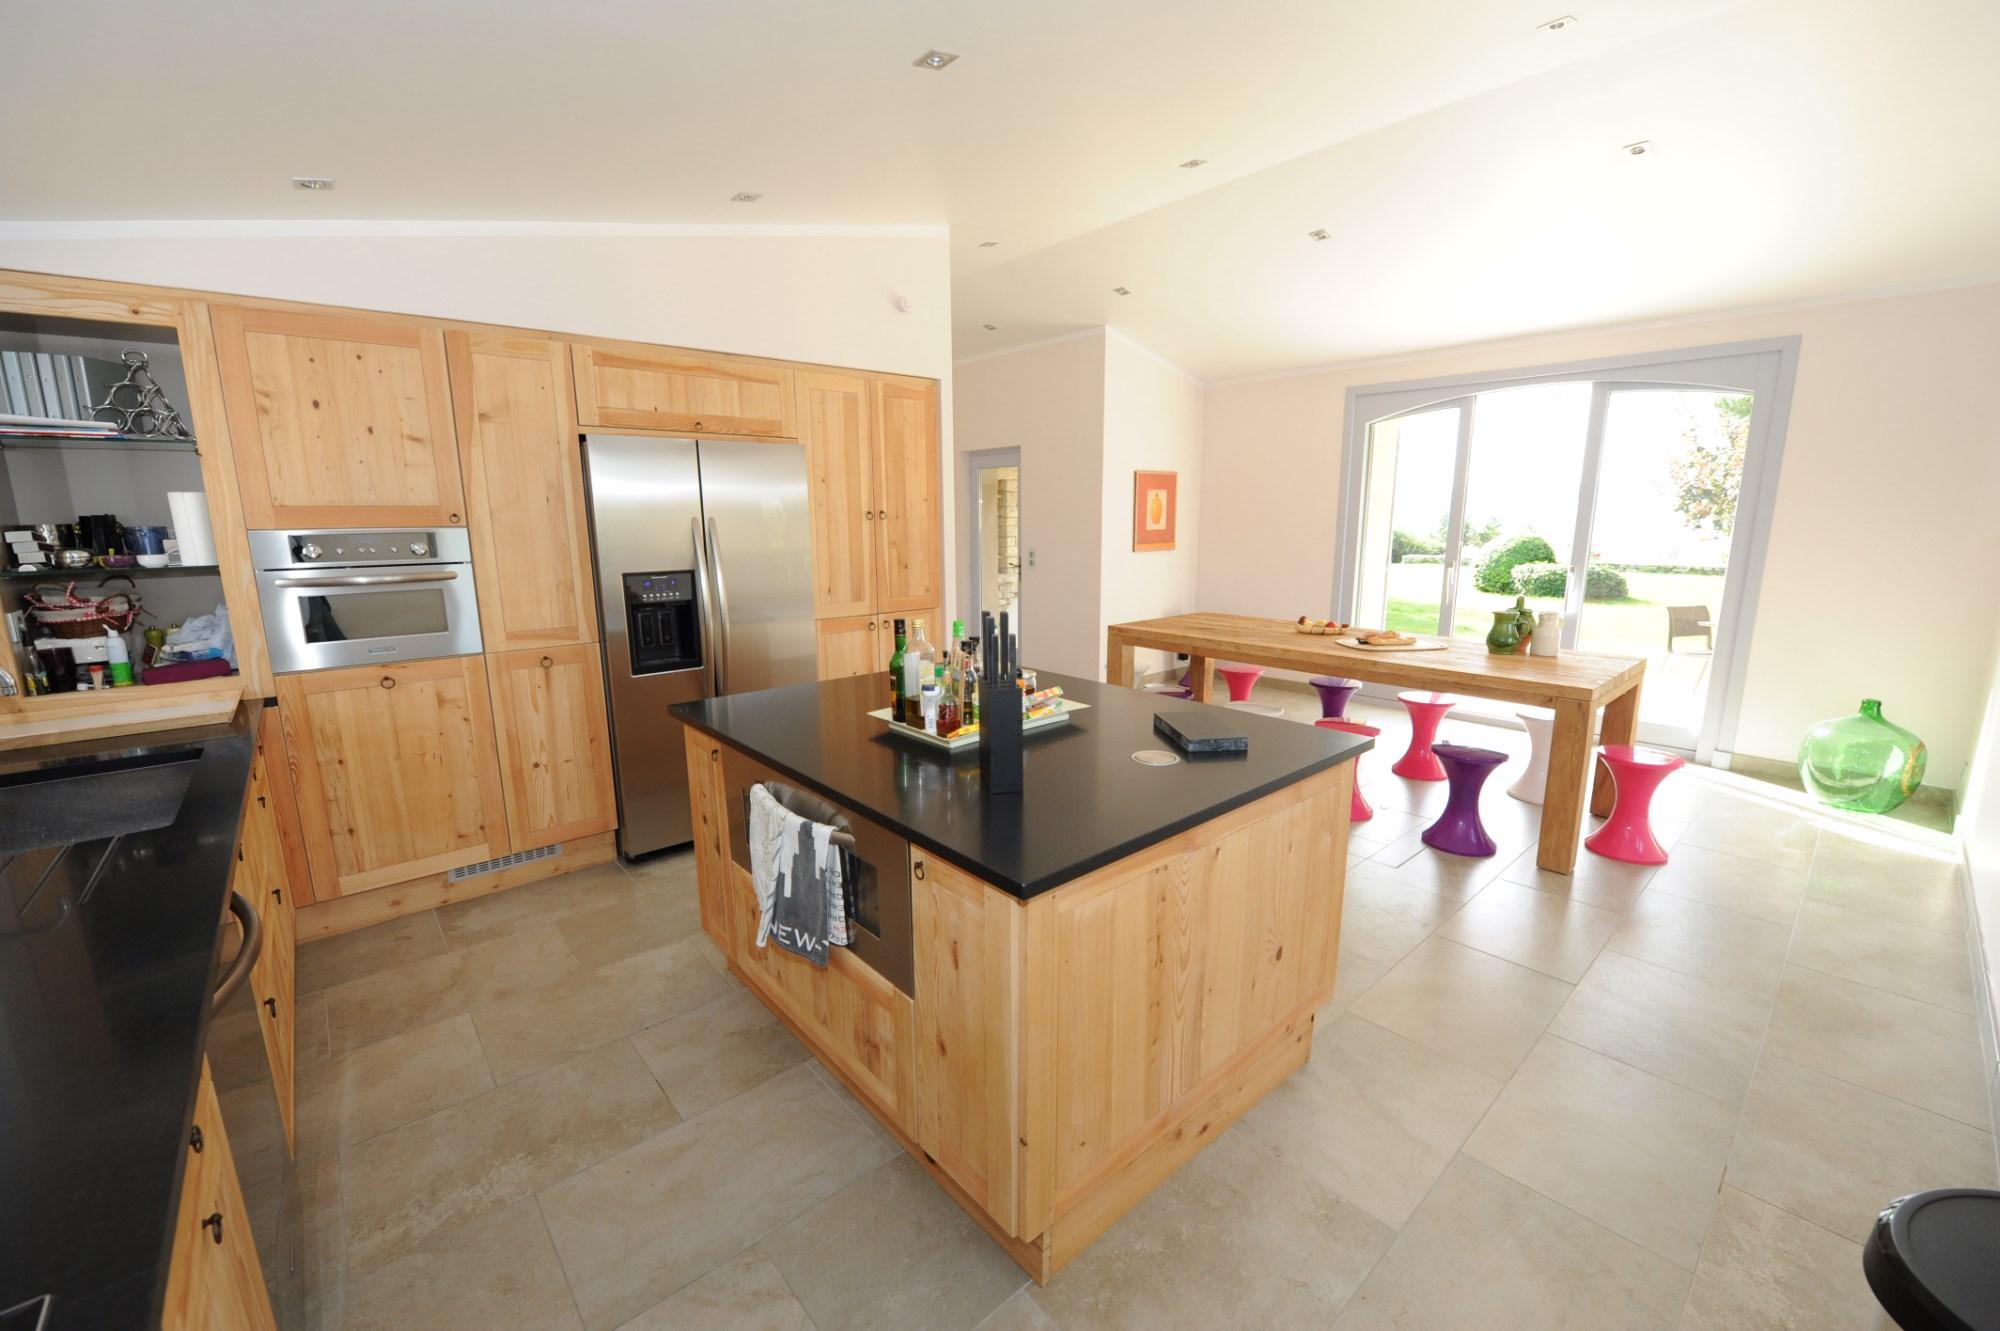 ventes en luberon vendre grand mas de famille avec piscine et d pendances agence rosier. Black Bedroom Furniture Sets. Home Design Ideas